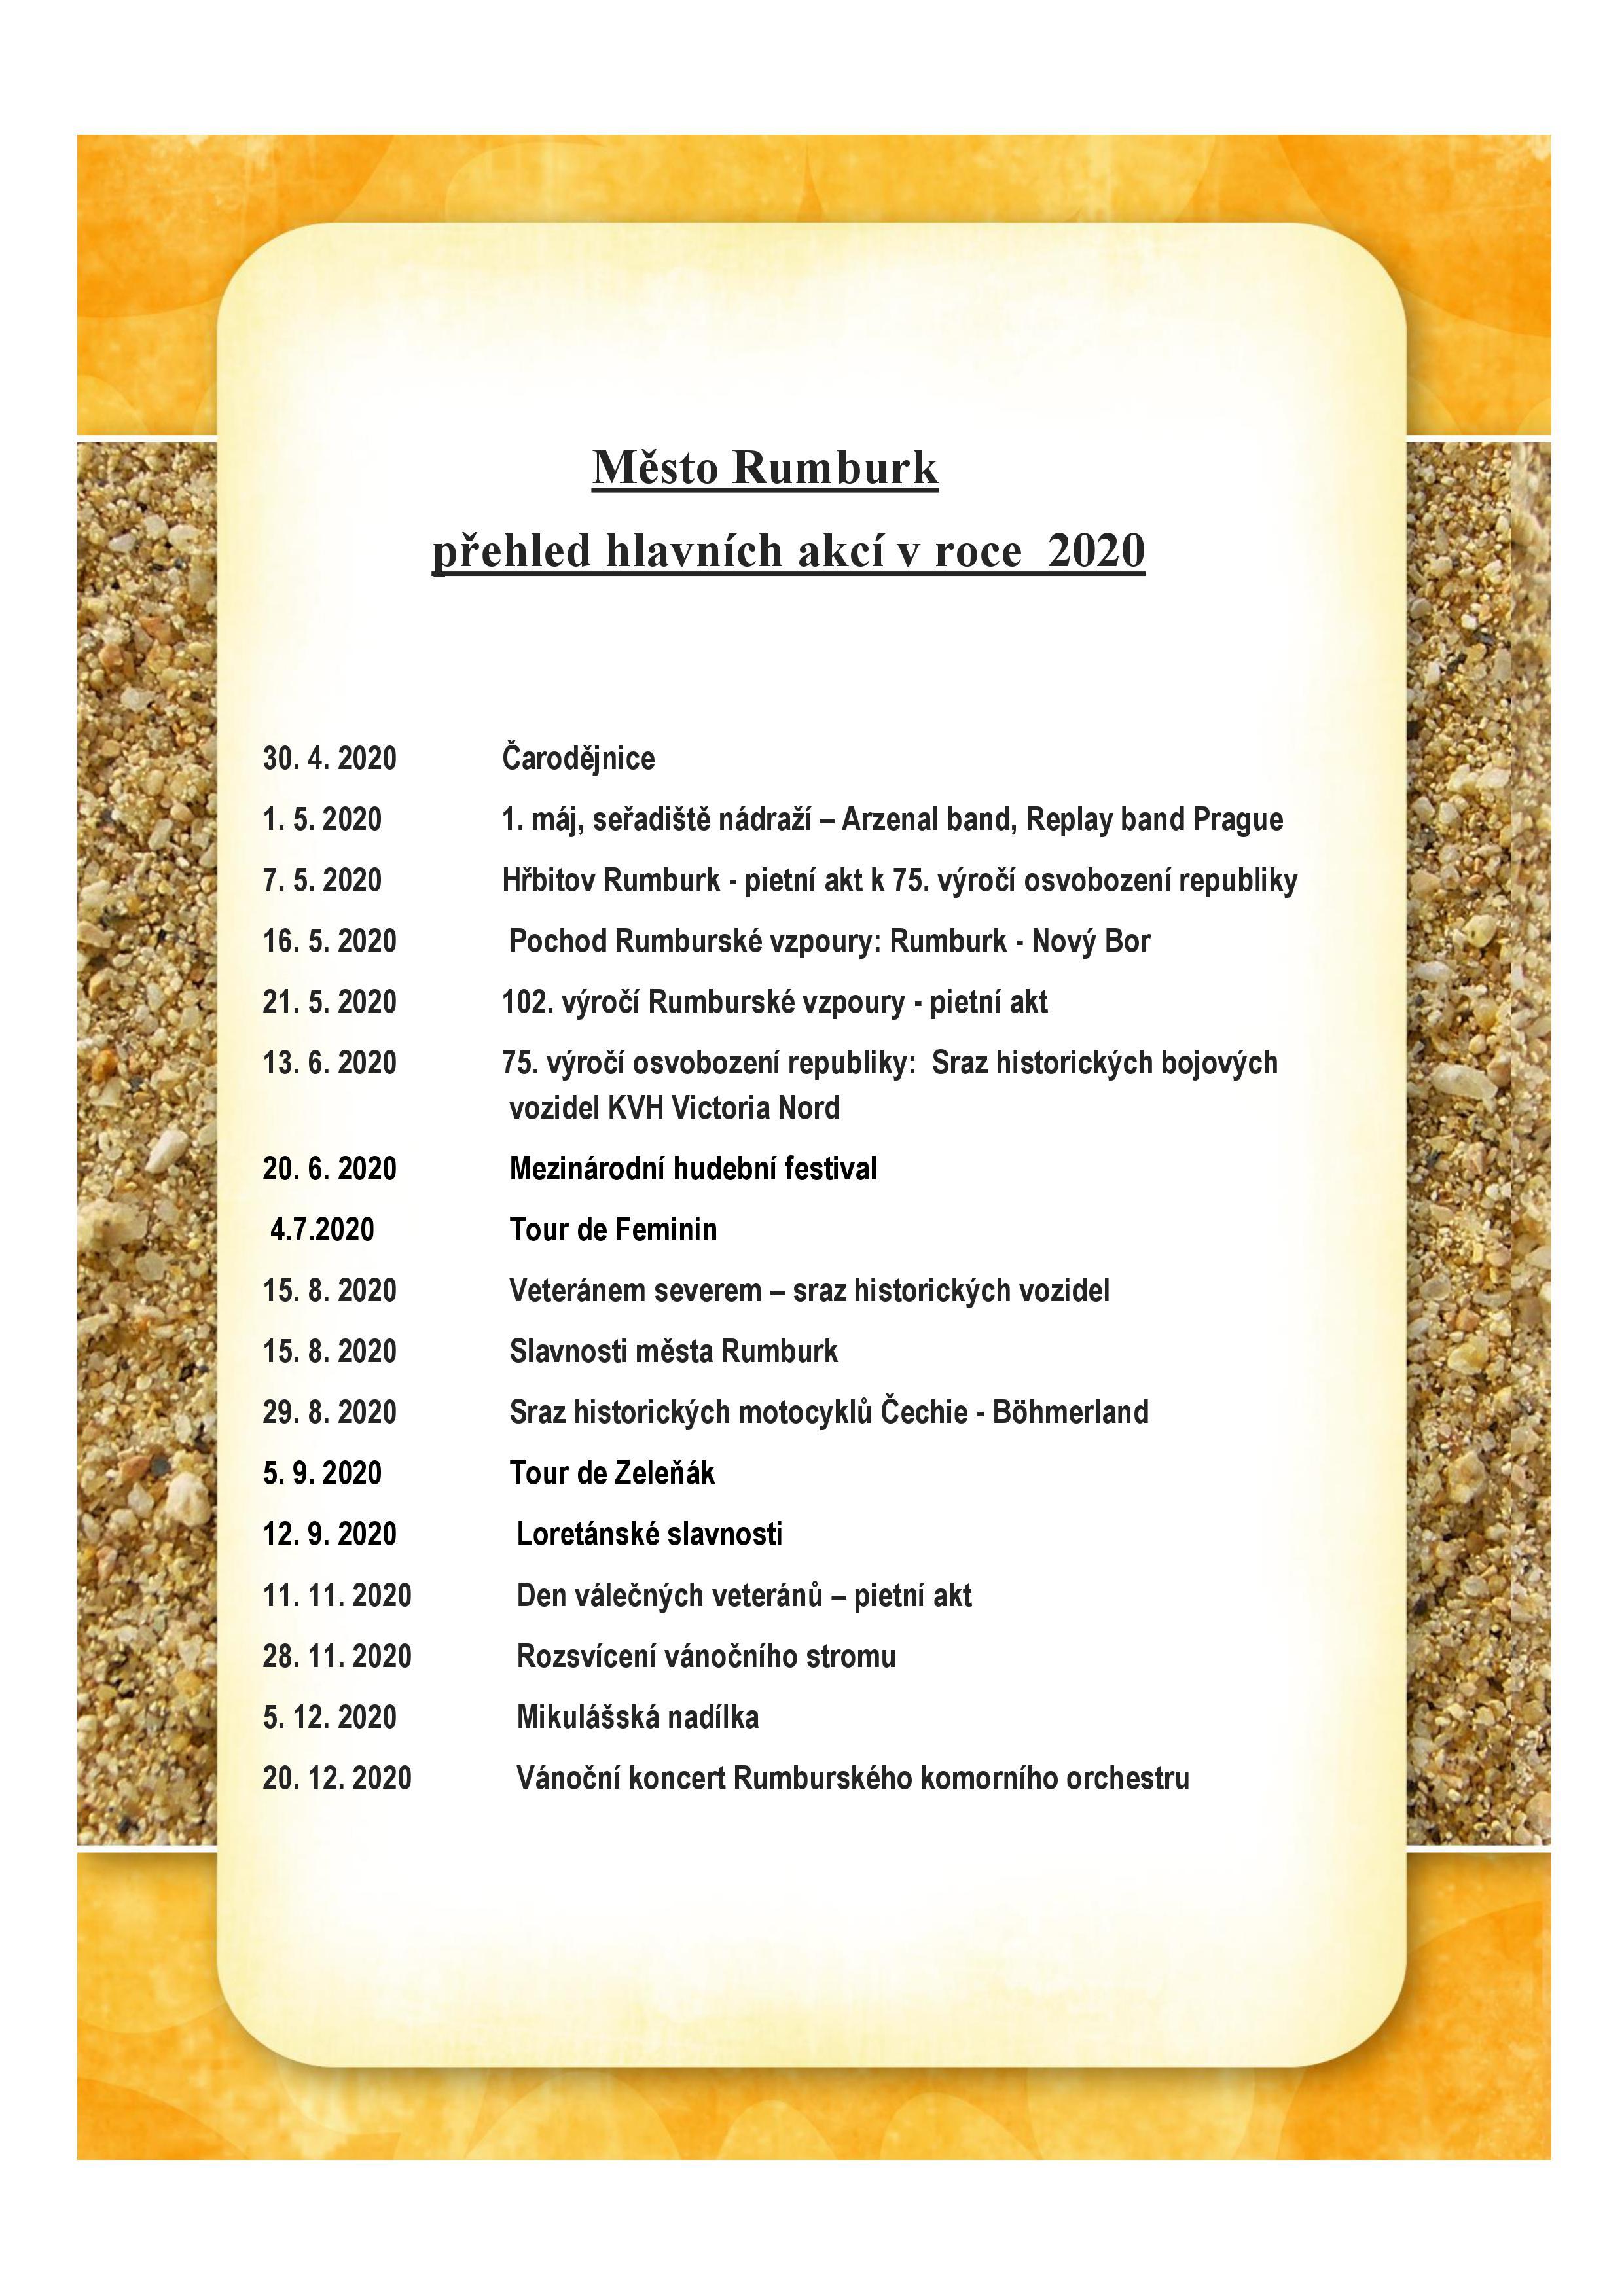 Přehled hlavních akcí města Rumburk v roce 2020